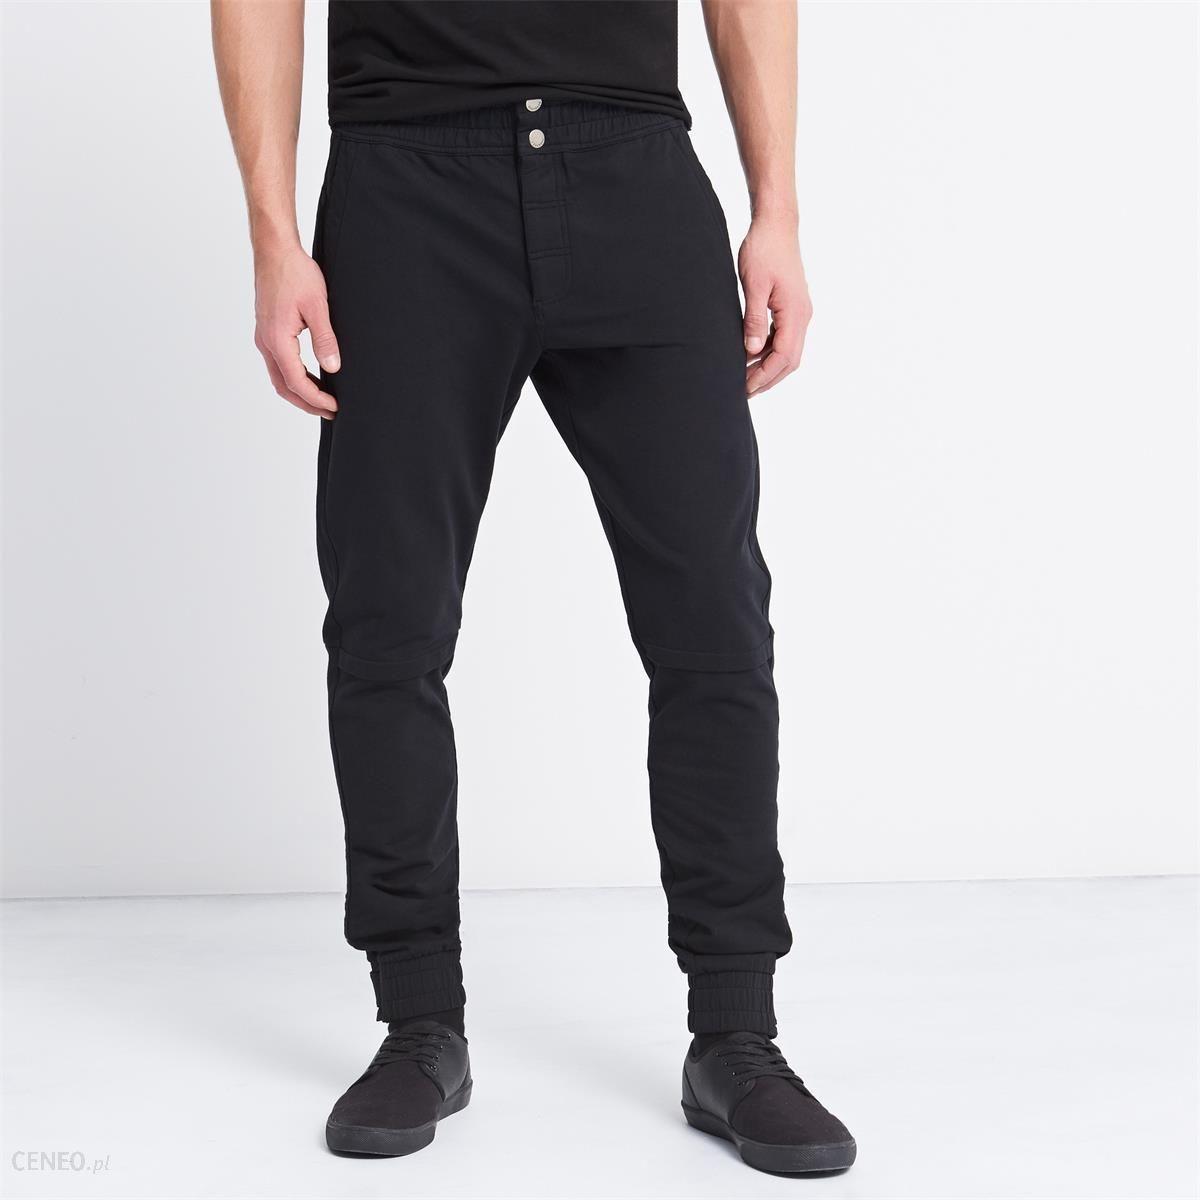 1fc216130 Reserved - Spodnie dresowe zapinane na guziki - Czarny - męska - zdjęcie 1